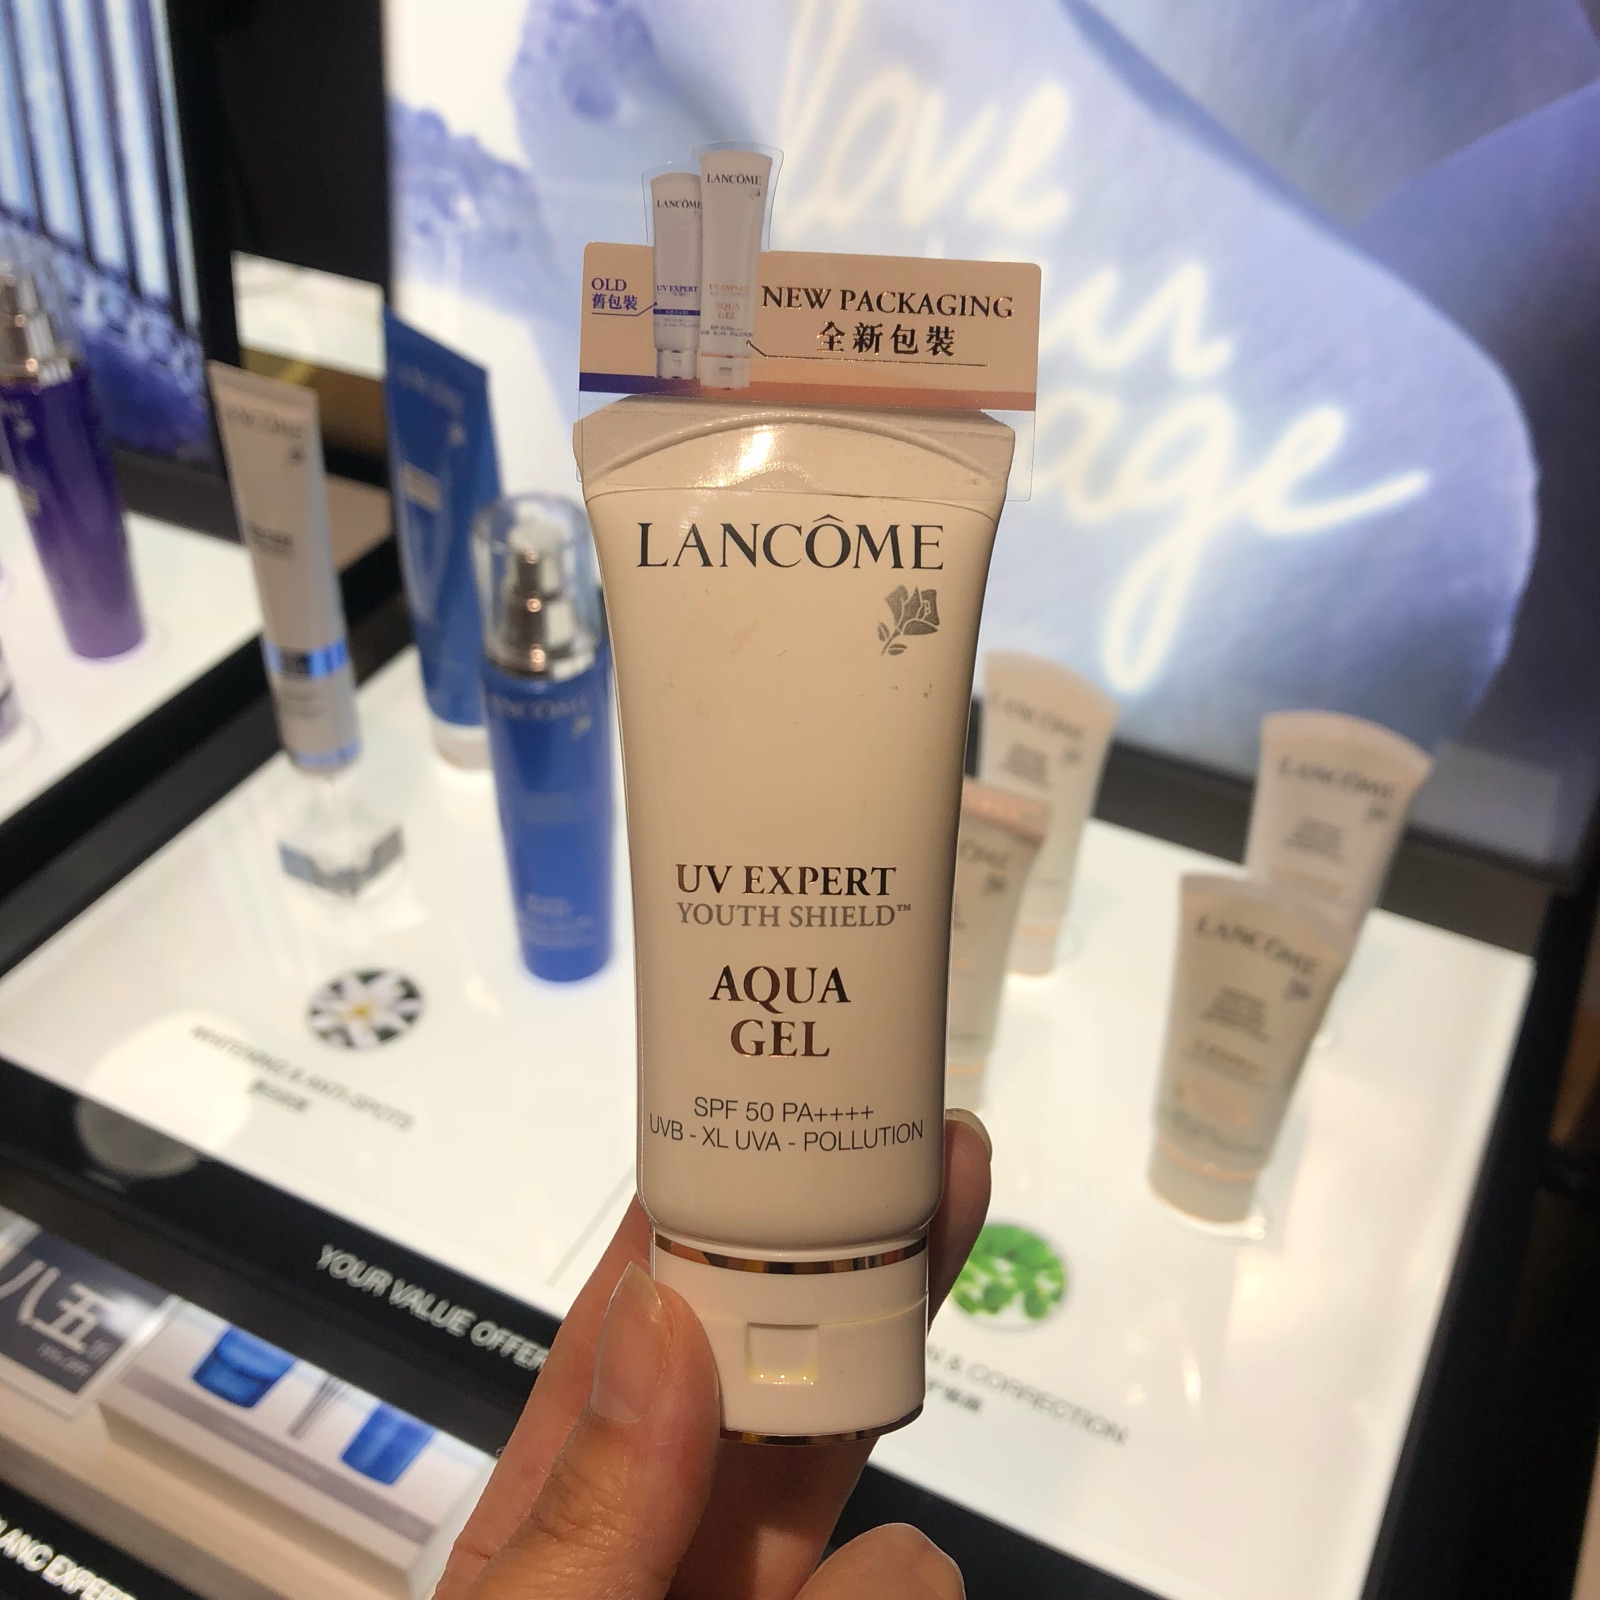 【现货】兰蔻19年新款gel清爽型防晒霜空气感防护乳UV防晒霜50ml